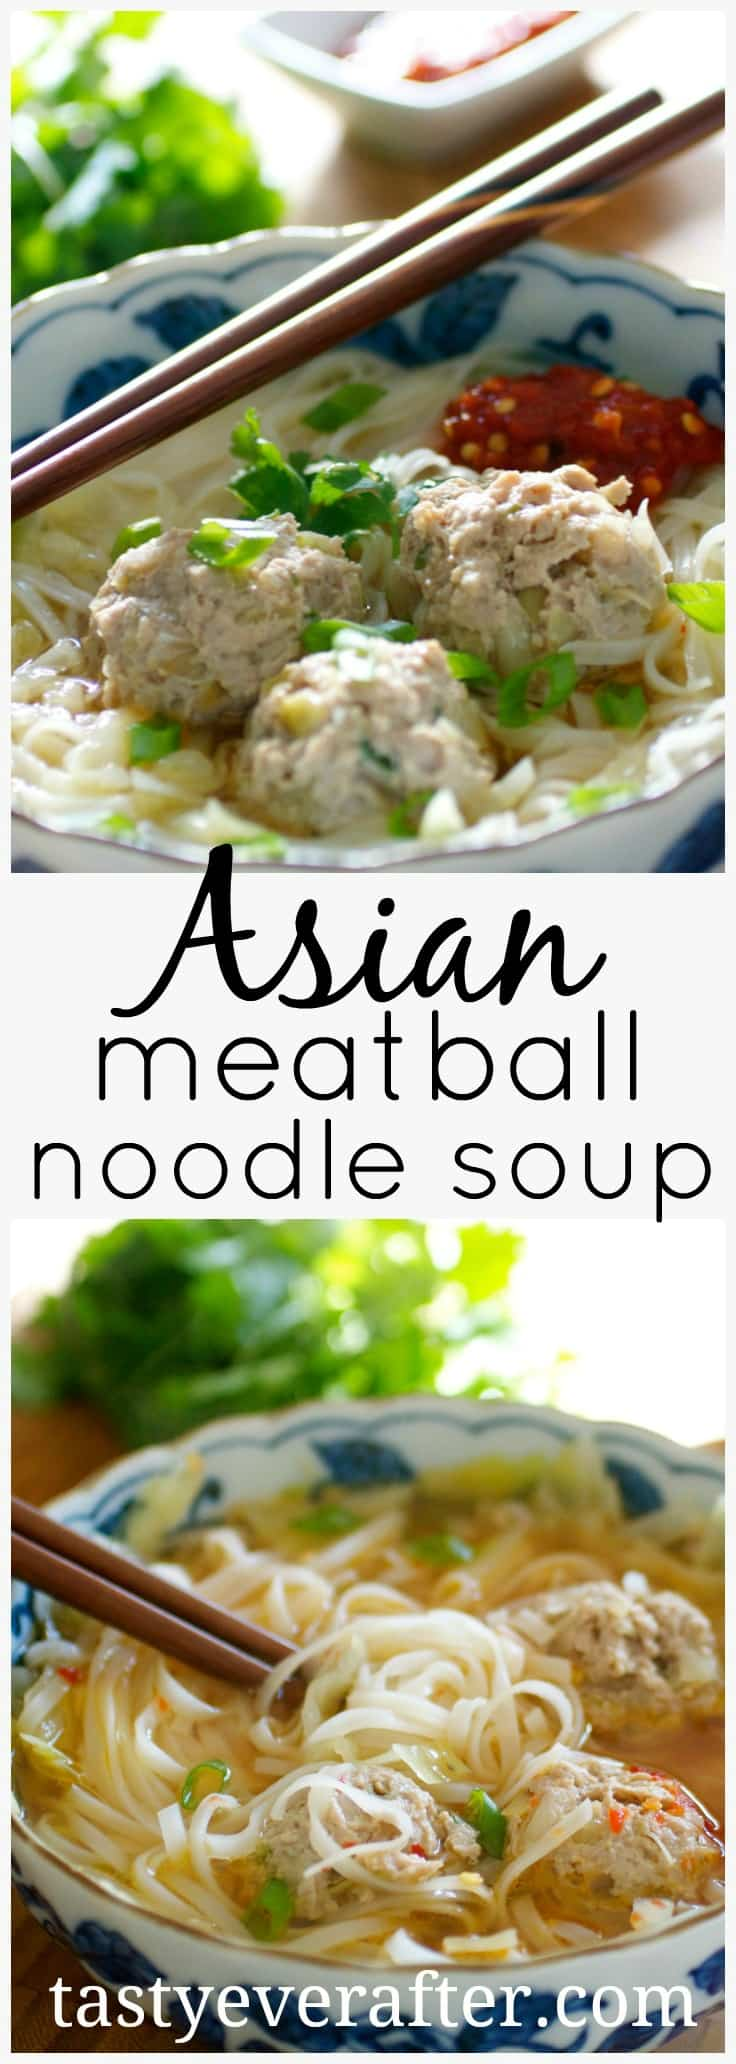 Asian Meatball Noodle Soup